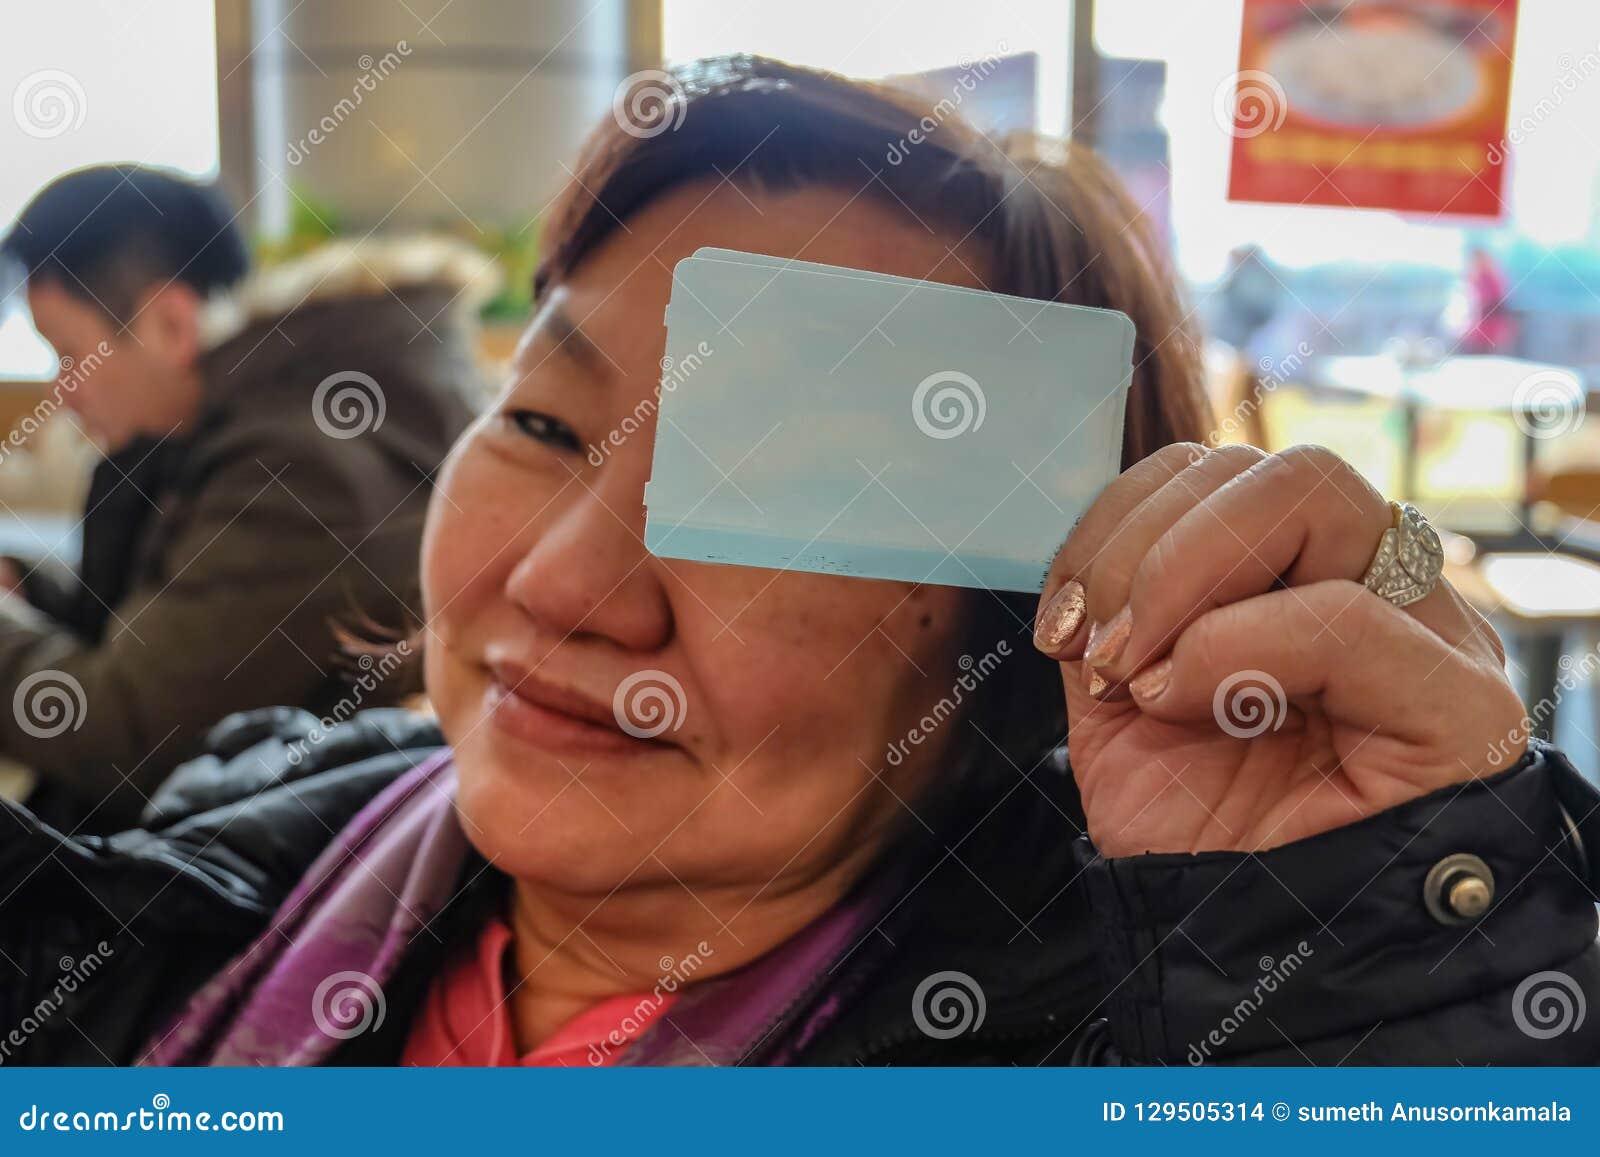 Фото Defocus старых азиатских женщин делает шоу cutie его билет на поезд